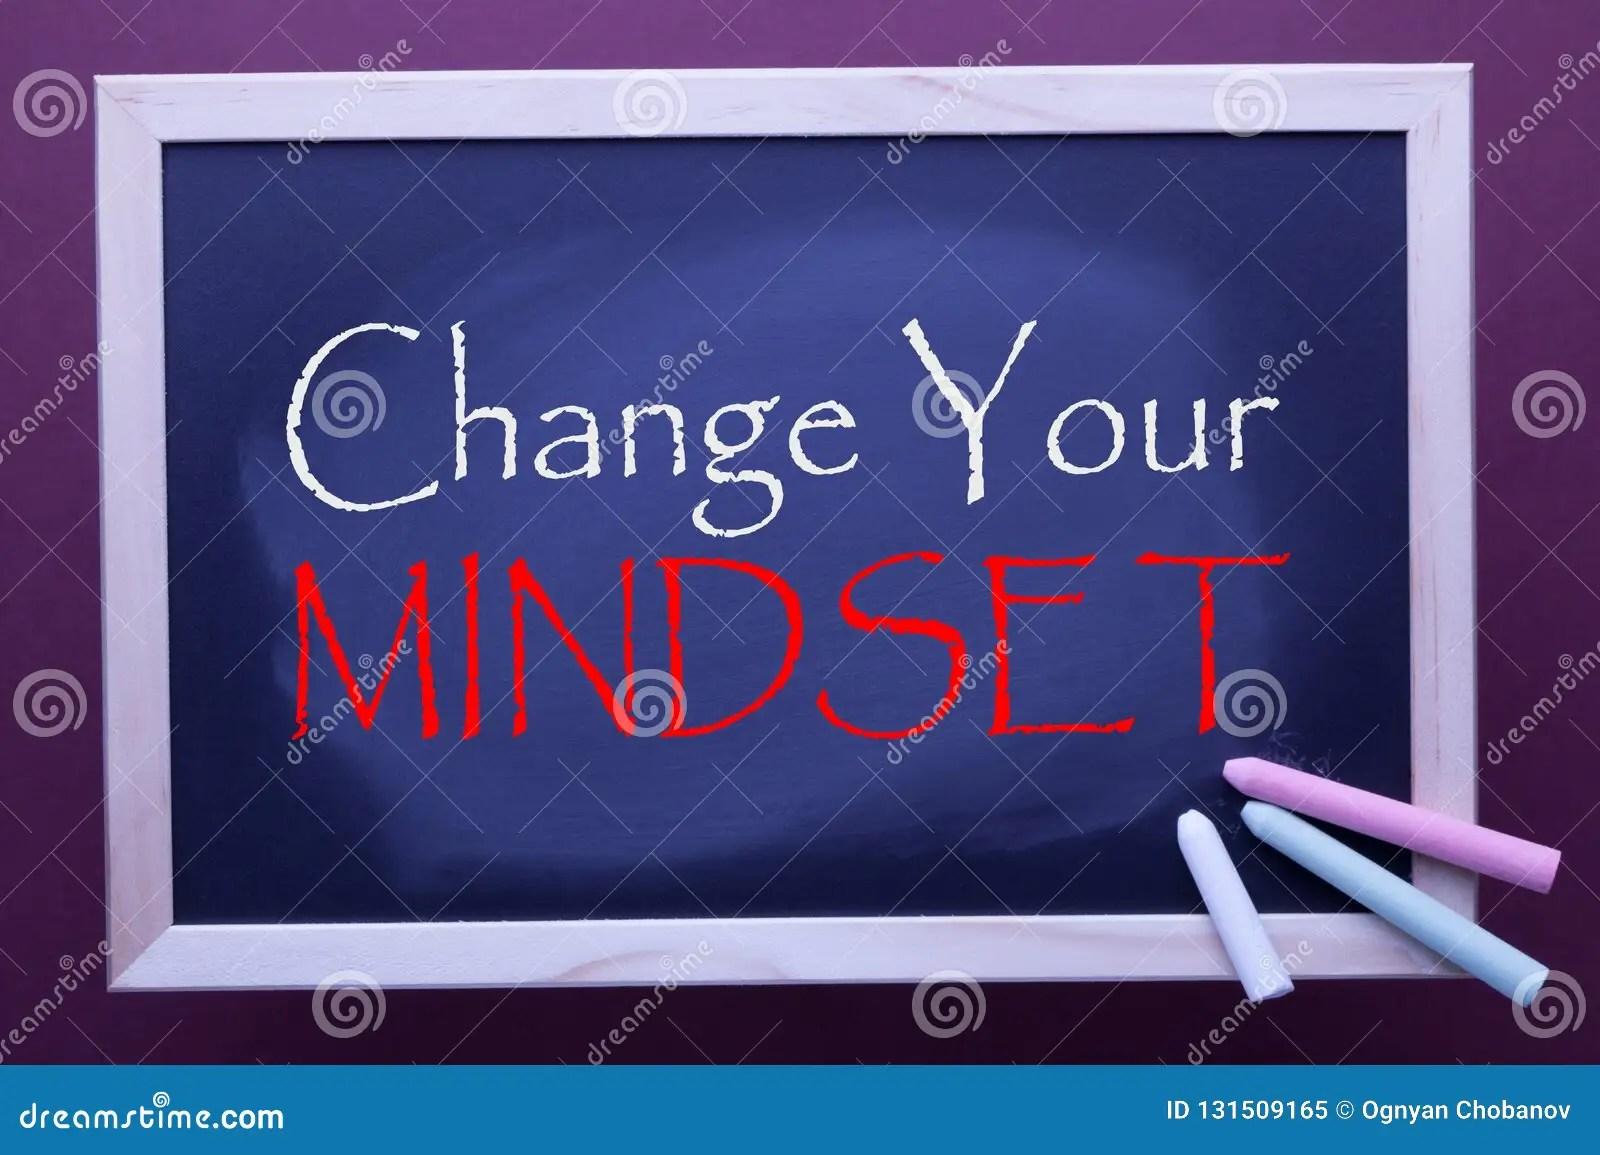 Change Your Mindset Stock Image Image Of Motivation